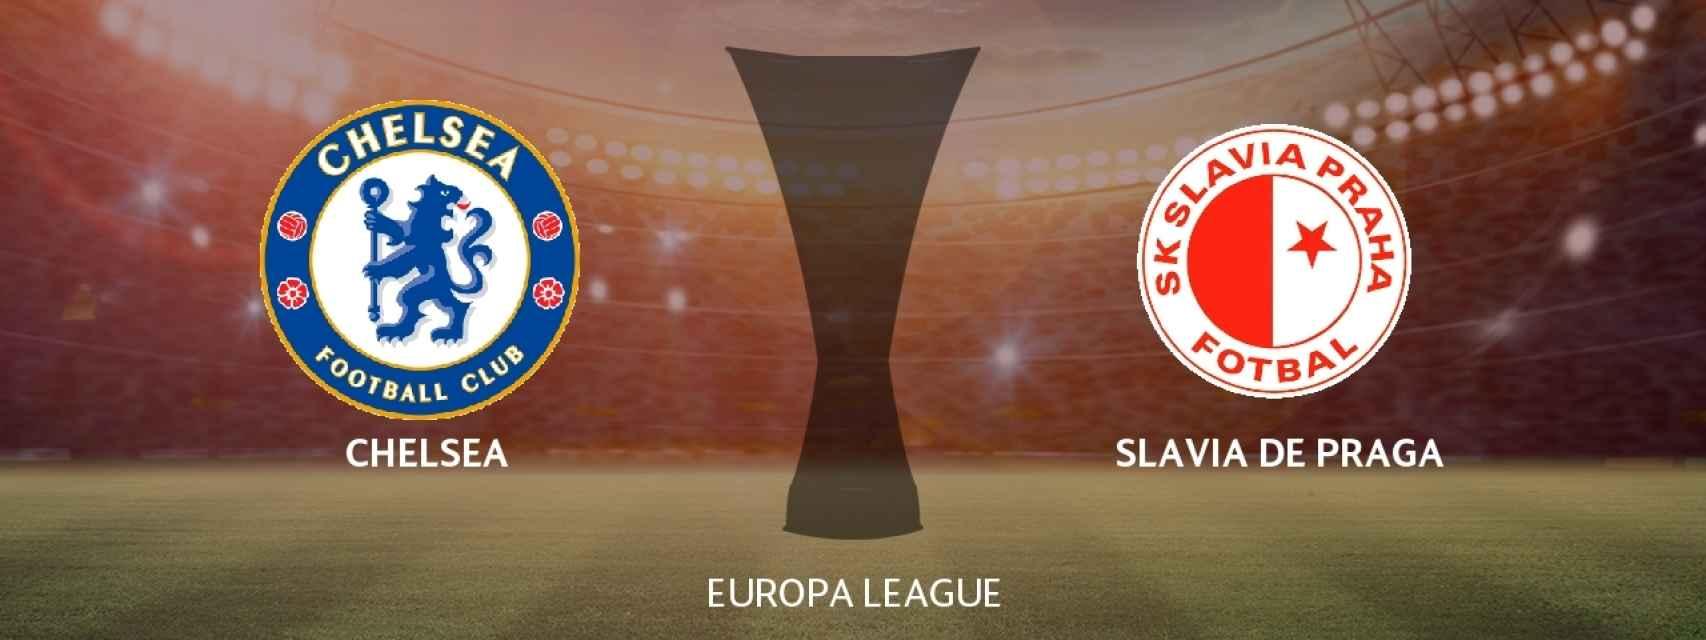 Chelsea - Slavia de Praga